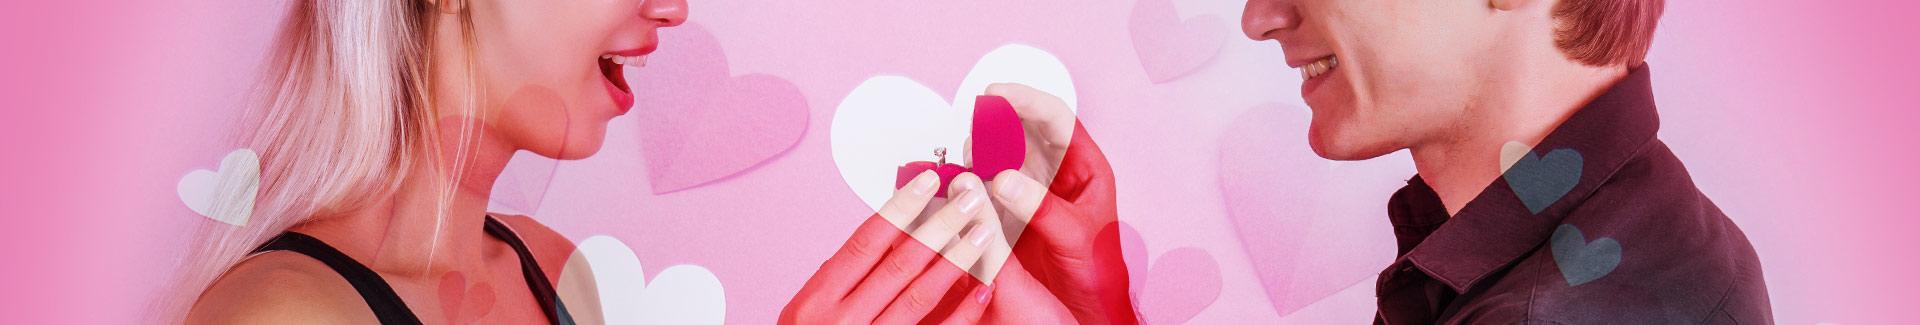 懷疑交往多年的男友移情別戀?最後竟是誤會一場